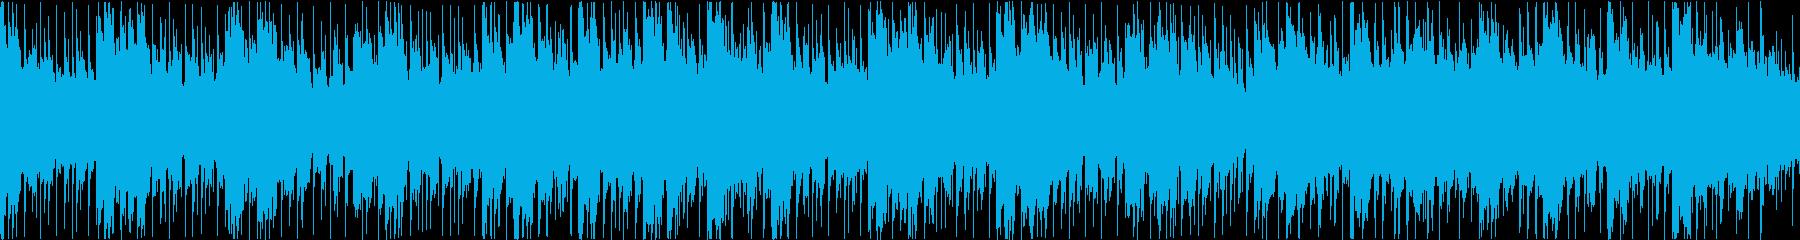 企業VPや映像に 爽やか疾走感_Loopの再生済みの波形